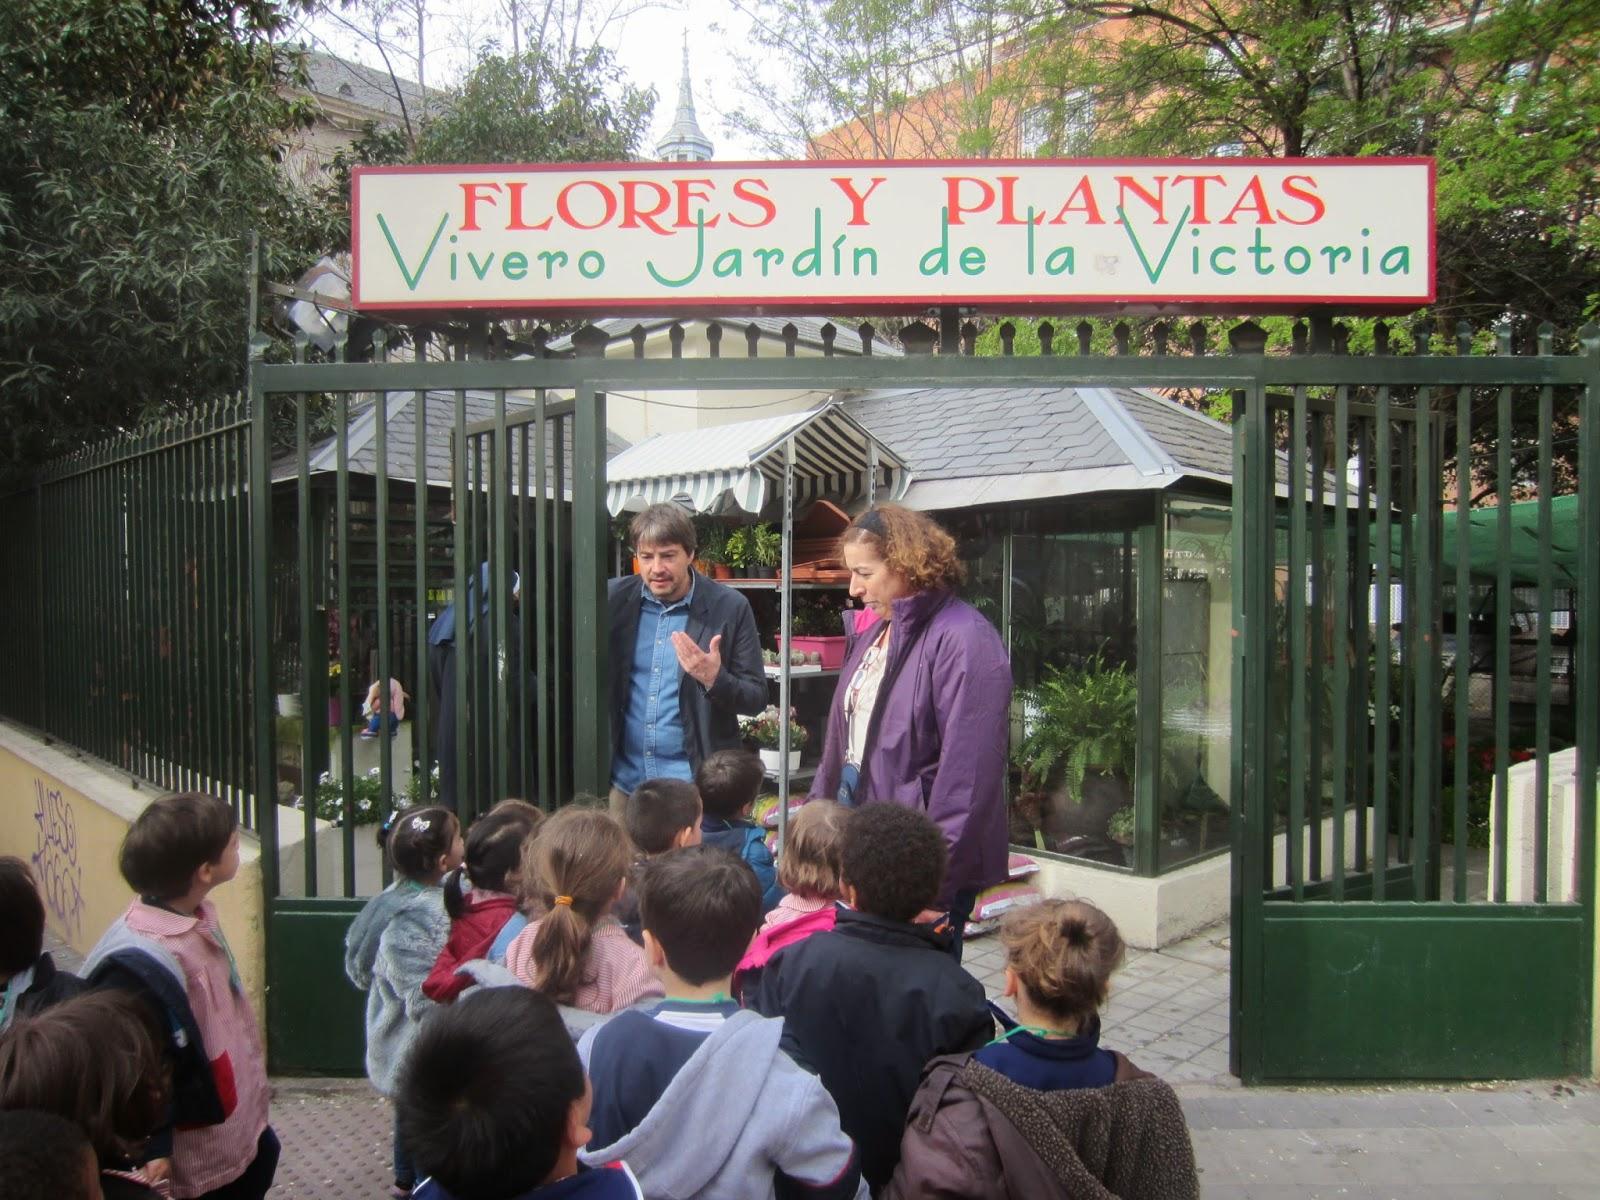 Nuestro huerto escolar visita al vivero jardin de la victoria for Vivero el jardin